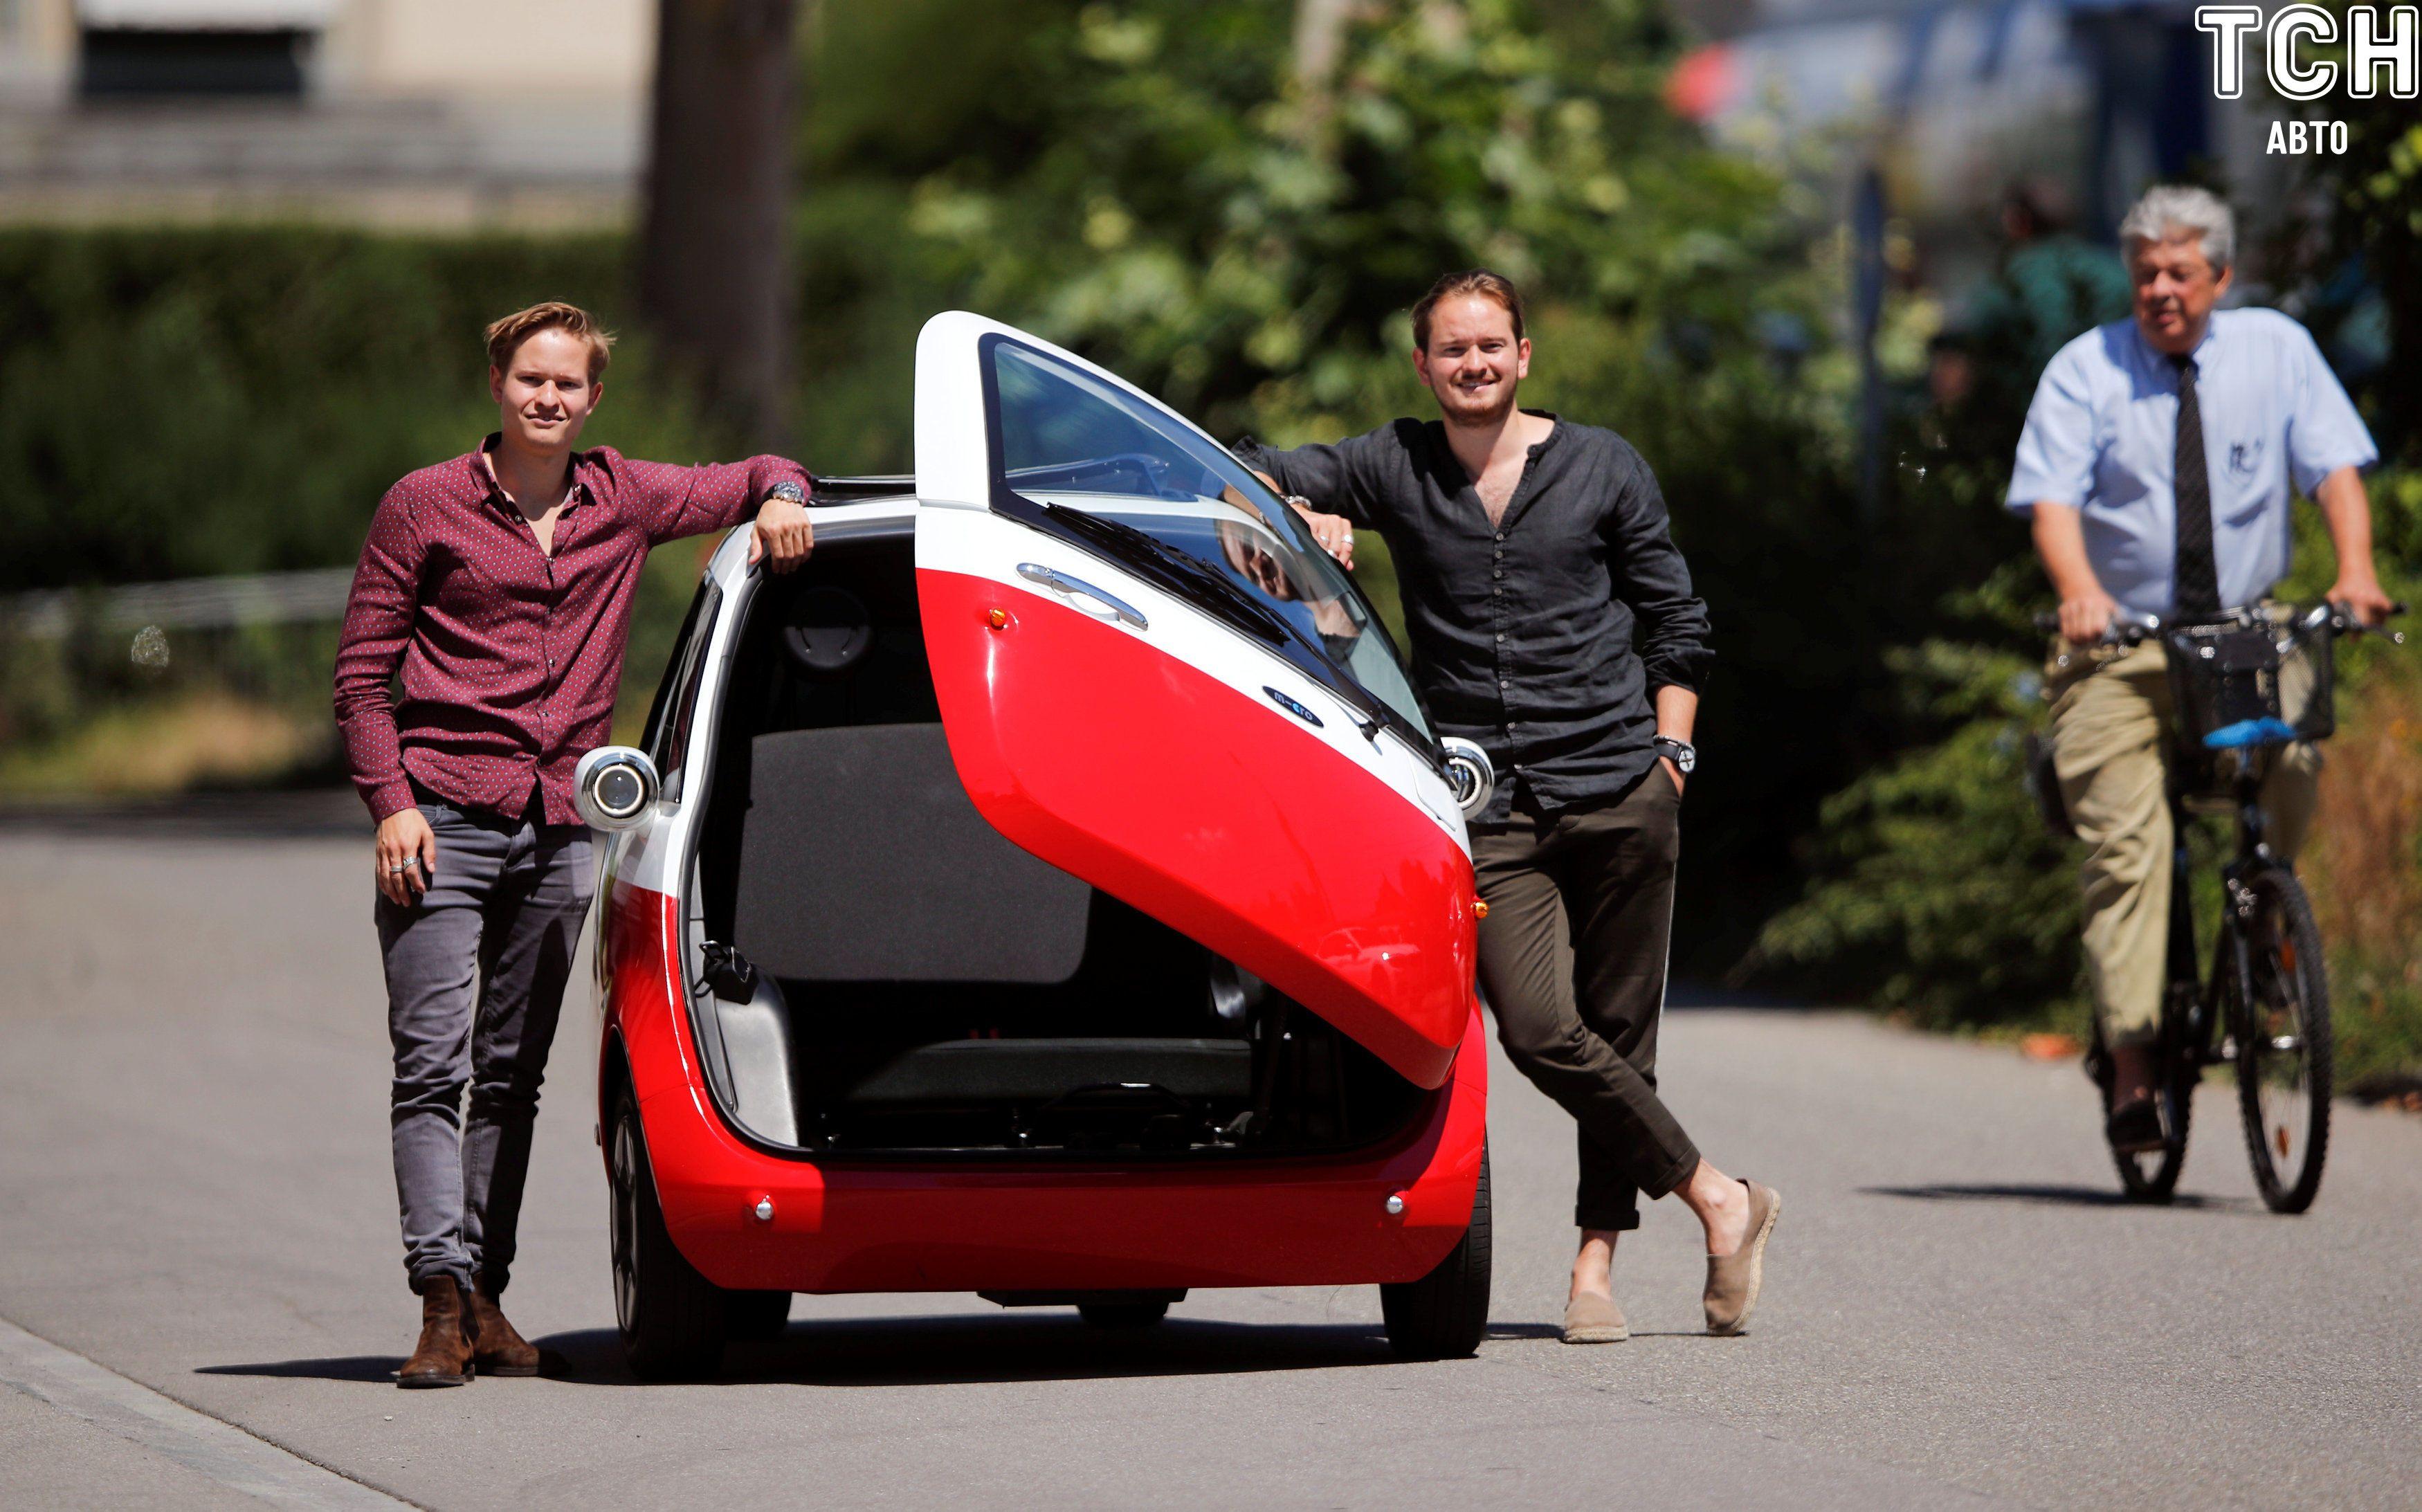 Сітікар, електромобіль Swiss Microlino AG, презенація у Швеції_3